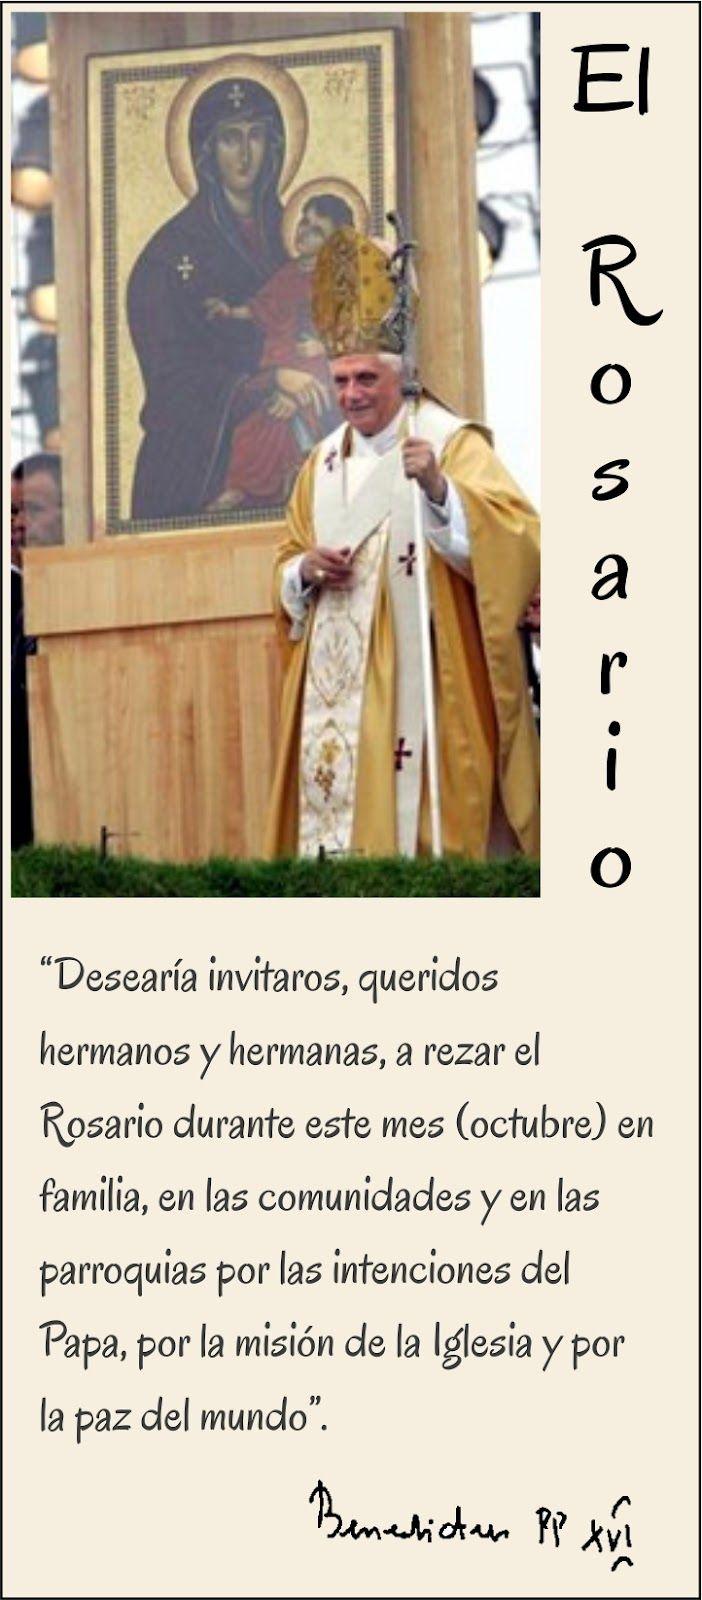 Tarjetas y oraciones catolicas frases del rosario benedicto xvi frases del rosario benedicto xvi thecheapjerseys Choice Image